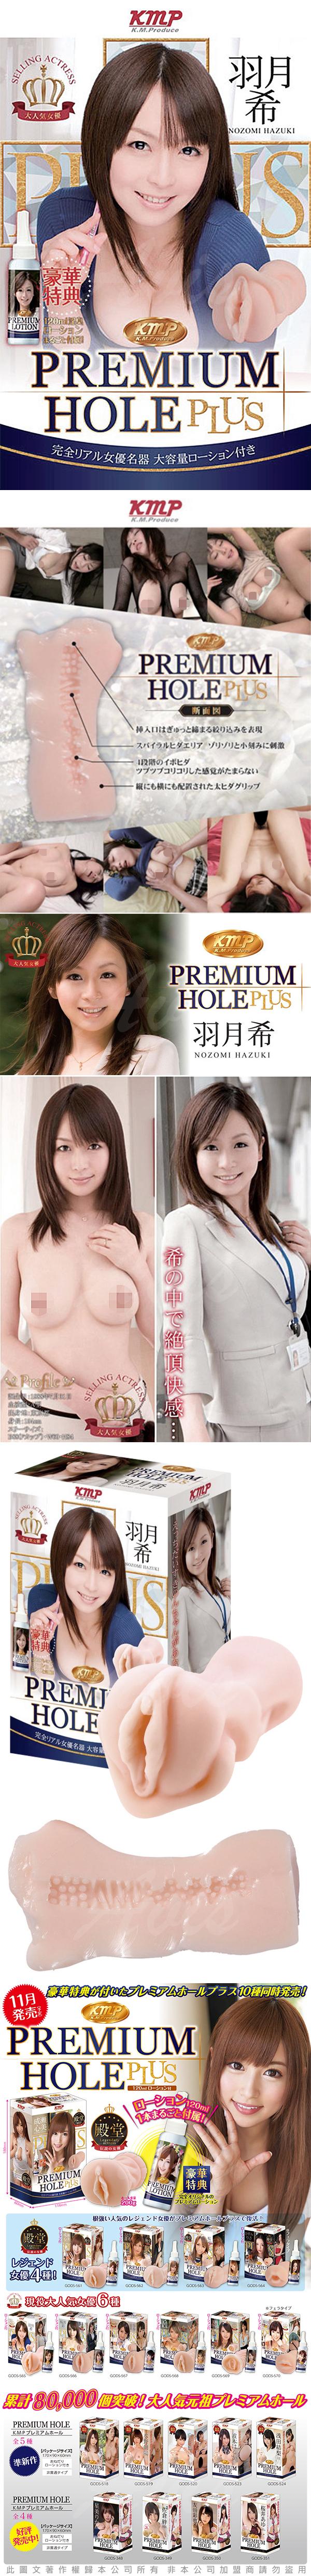 日本KMP Premium Hole Plus 羽月希 女優自慰名器